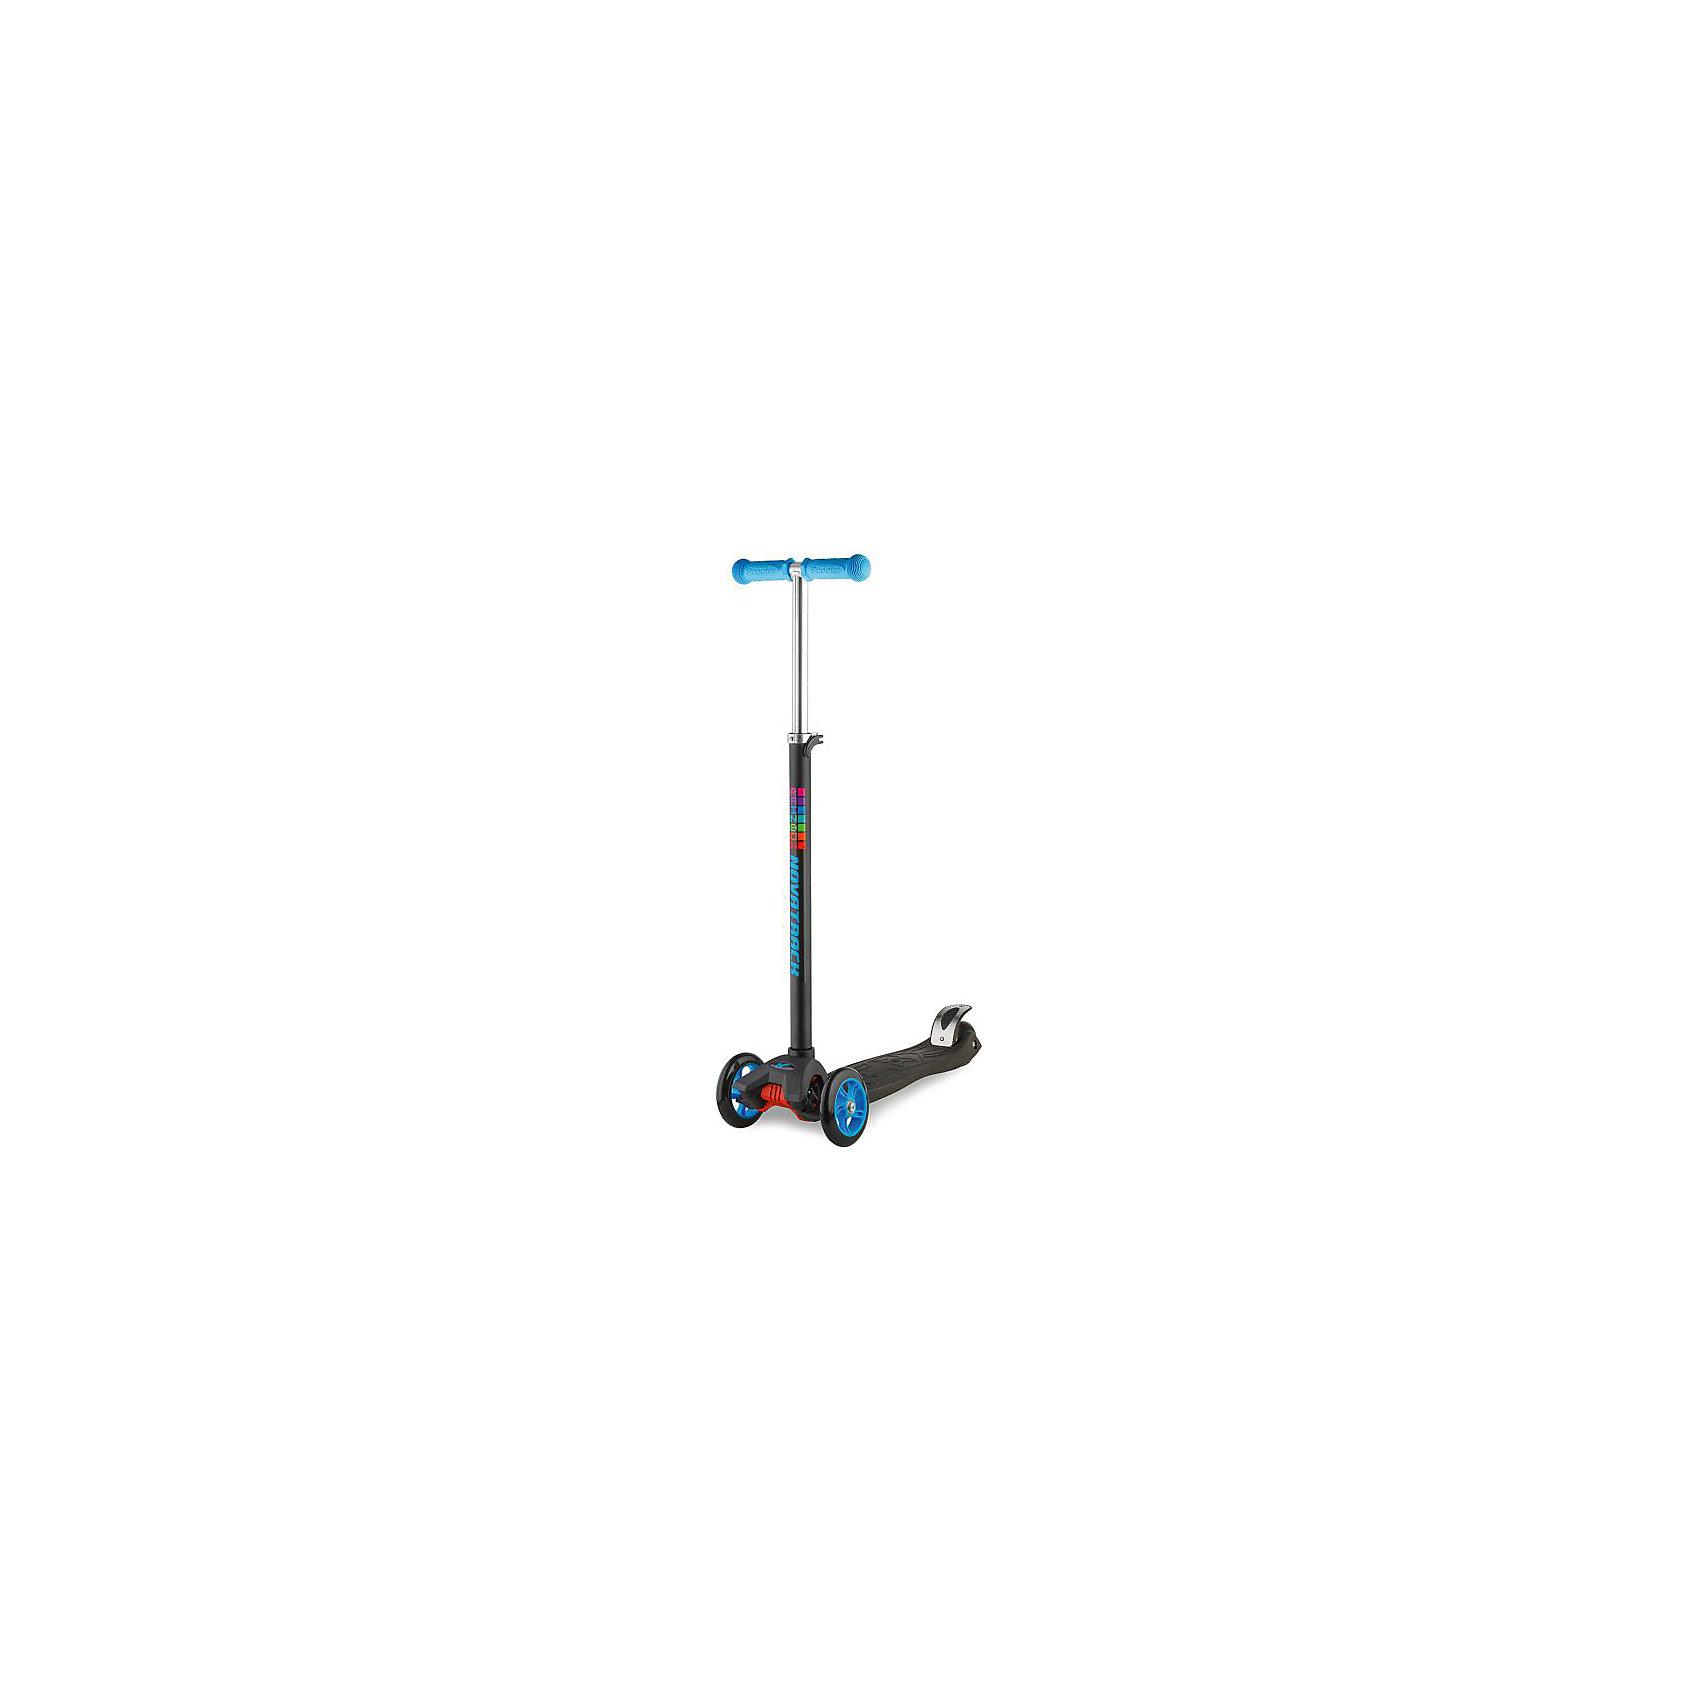 Самокат-кикборд подростковый RainBow, 60 кг, голубой, NovatrackСамокаты<br>Характеристики товара:<br><br>• цвет: голубой<br>• возраст от 3 лет<br>• максимальная нагрузка до 60 кг<br>• материал: пластик, алюминий<br>• материал колес полиуретан<br>• высота руля: 53-65 см<br>• подшипник АВЕС 7<br>• диаметр передних колес: 12 см<br>• диаметр заднего колеса: 8 см<br>• задний ножной тормоз<br>• прорезиненные накладки на руле<br>• бесшумная езда<br>• размер упаковки 60х28х15 см<br>• вес упаковки 3 кг<br>• страна производитель: Китай<br><br>Самокат-кикборд подростковый, голубой, RainBow Novatrack понравится любителям активного времяпрепровождения на свежем воздухе. Благодаря 2 передним колесам самокат отличается хорошей устойчивостью. <br><br>Самокат изготовлен из прочного алюминия, дека выполнена из ударопрочного пластика. Специальные прорезиненные накладки на руле не дают ладошкам соскальзывать во время катания. Подшипник обеспечивает бесшумную и ровную езду. Ножной тормоз гарантирует быстрое торможение перед препятствием.<br><br>Самокат-кикборд подростковый, голубой, RainBow Novatrack  можно приобрести в нашем интернет-магазине.<br><br>Ширина мм: 600<br>Глубина мм: 150<br>Высота мм: 280<br>Вес г: 3000<br>Возраст от месяцев: 36<br>Возраст до месяцев: 2147483647<br>Пол: Унисекс<br>Возраст: Детский<br>SKU: 5528458